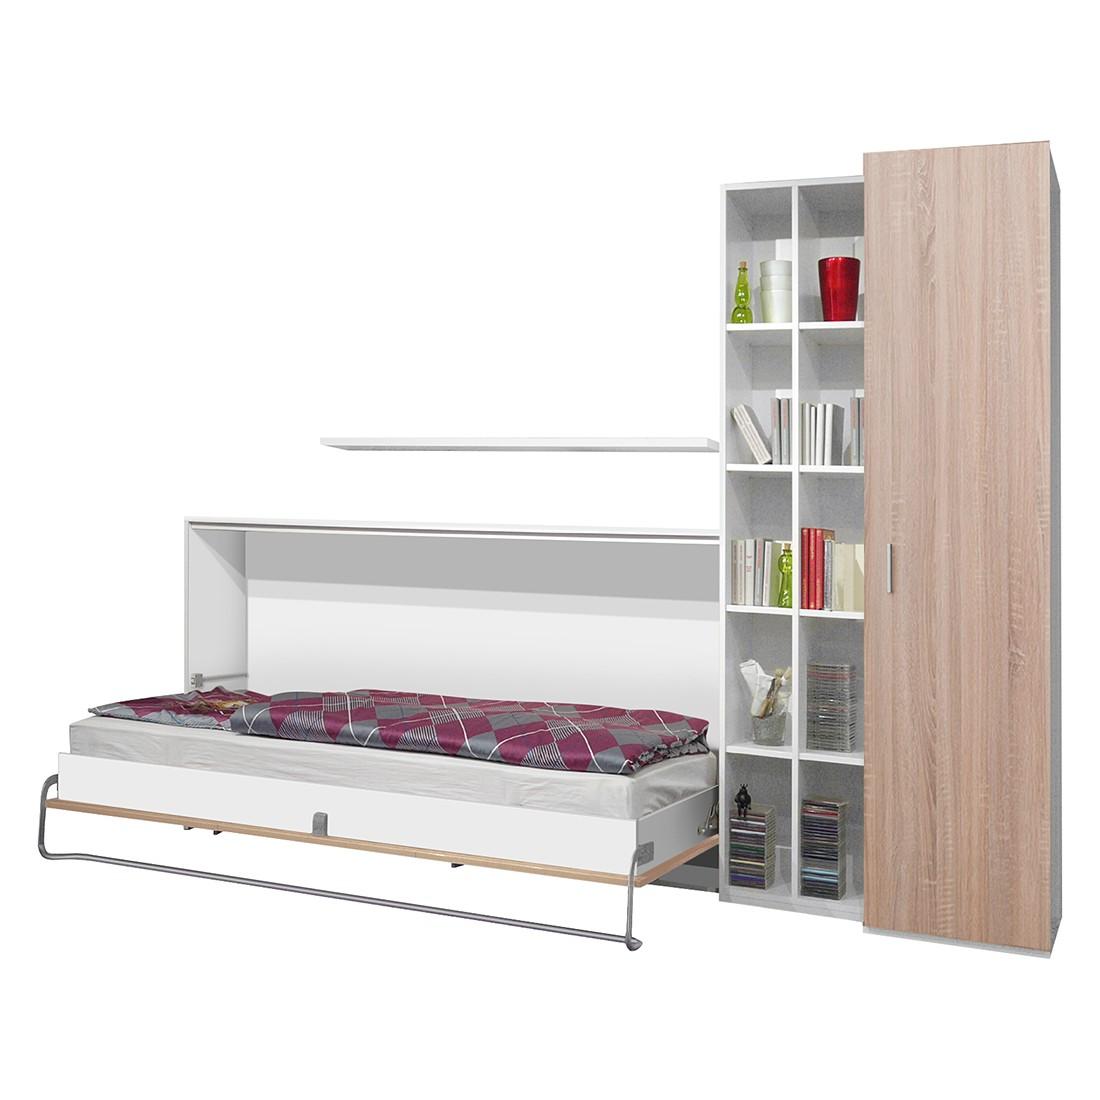 schrankbett preisvergleich die besten angebote online kaufen. Black Bedroom Furniture Sets. Home Design Ideas